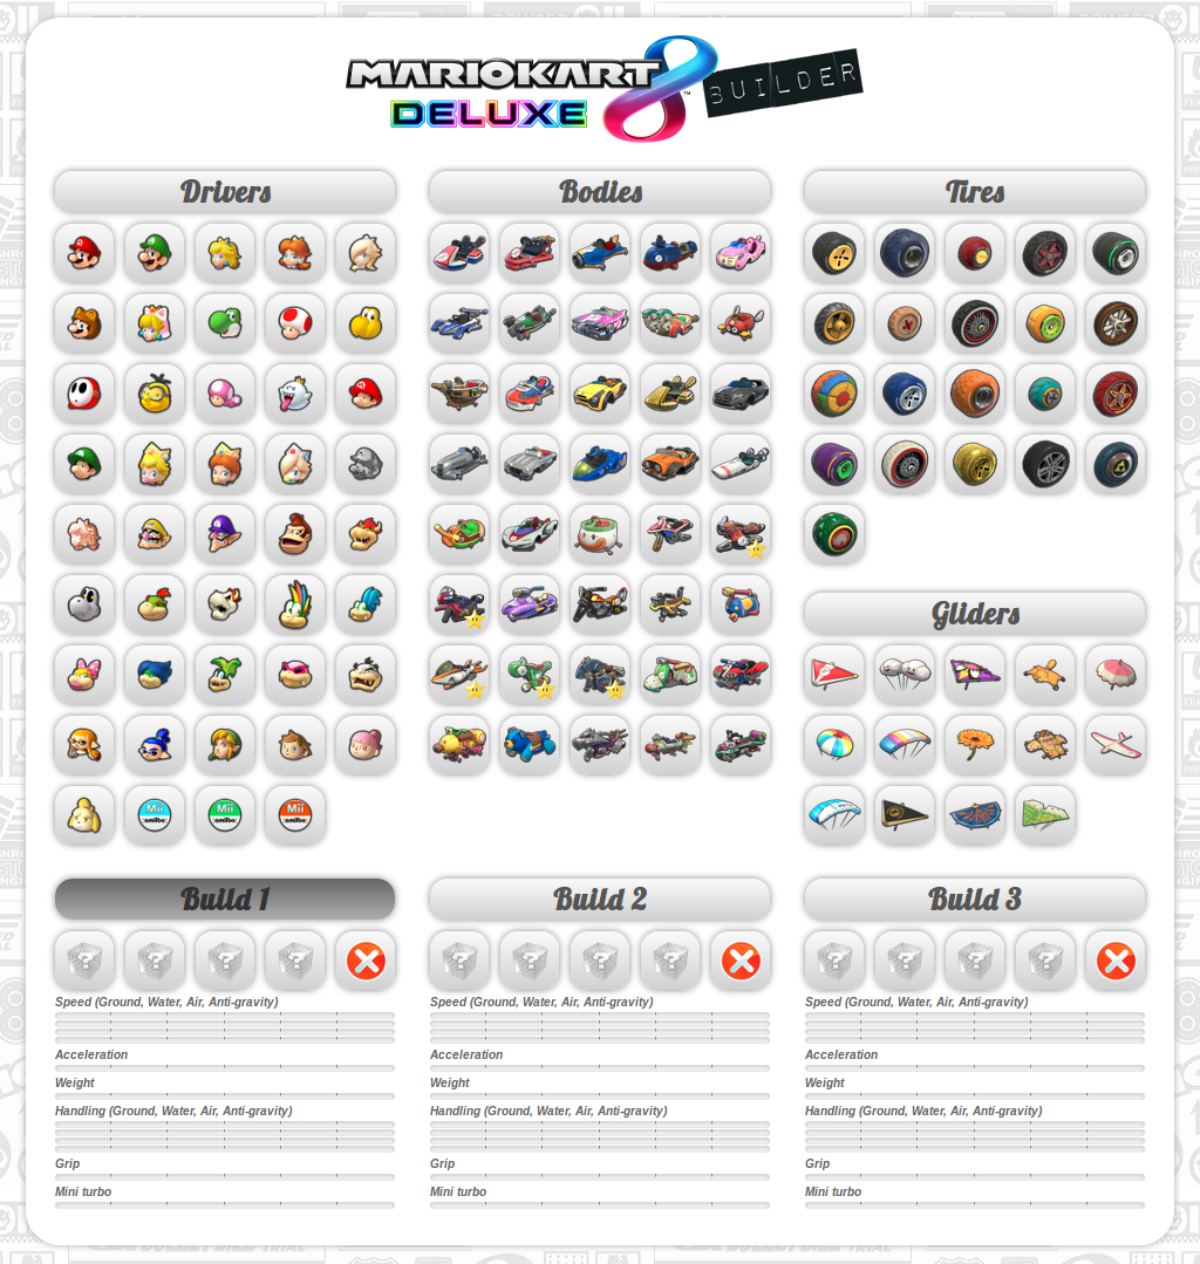 Statistiques personnages, karts, roues et ailes dans Mario Kart 8 Deluxe